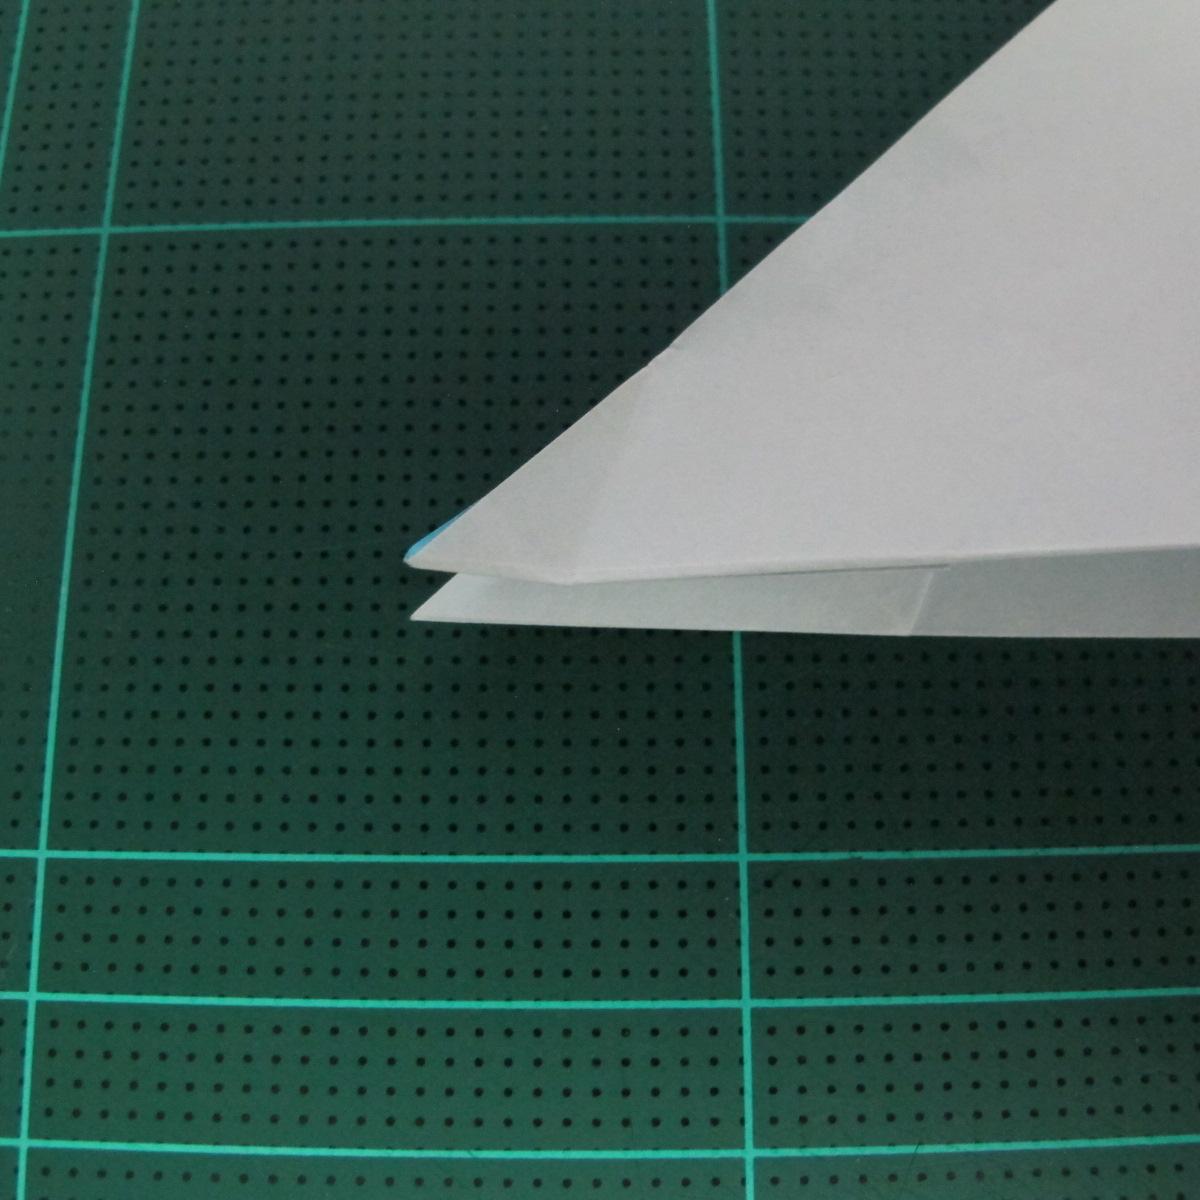 การพับกระดาษเป็นรูปตัวเม่นแคระ (Origami Hedgehog) 027